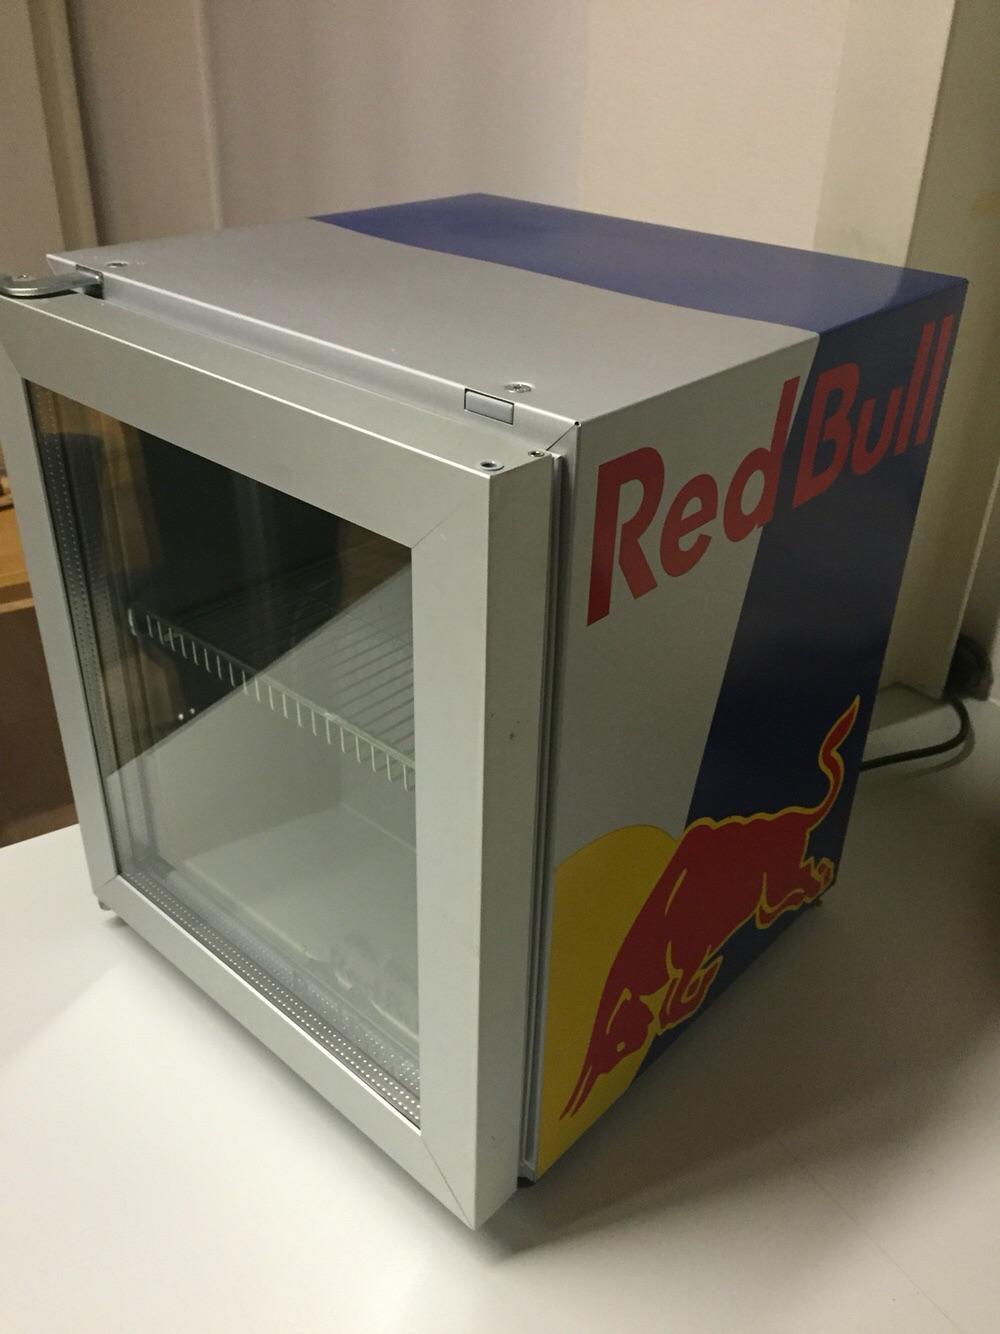 Red Bull Mini Kühlschrank : Gebraucht redbull mini kühlschrank in hard um u ac u shpock